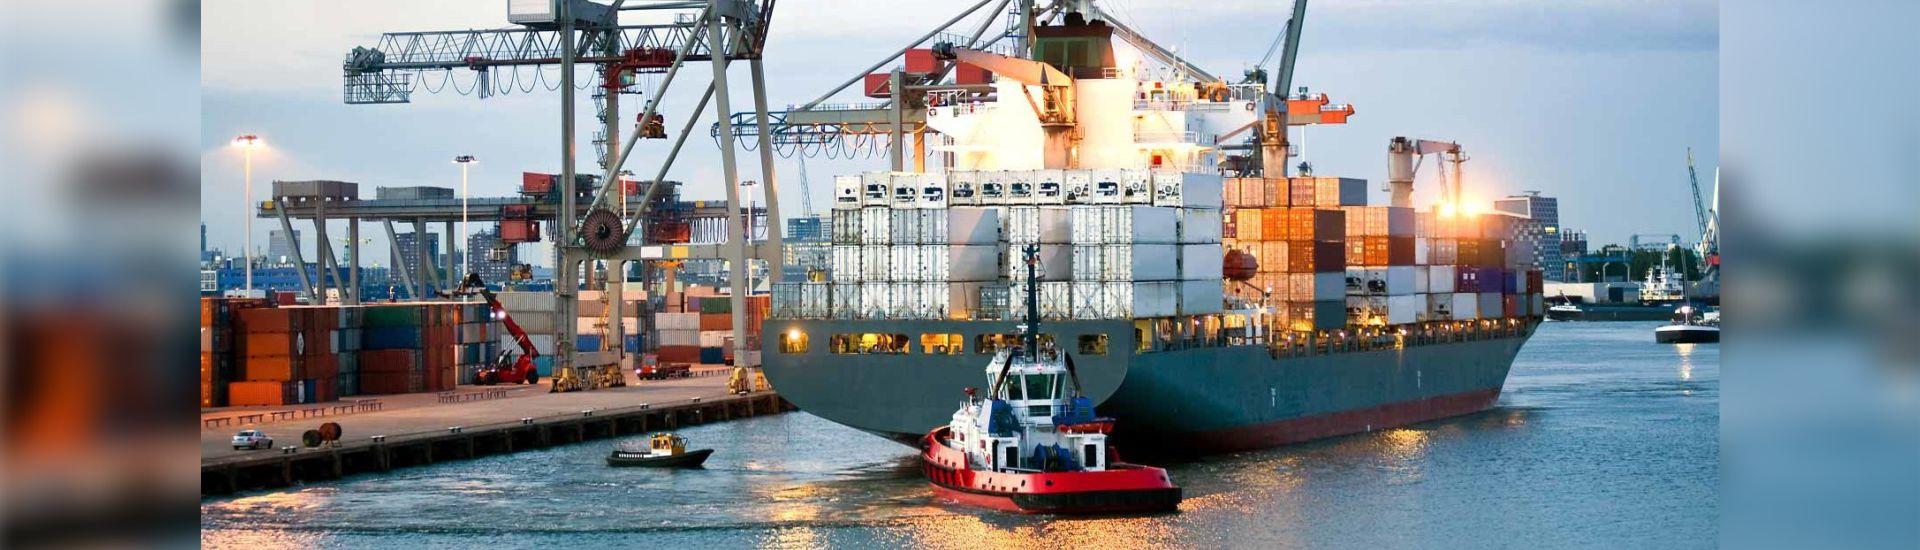 goods-vessel-2